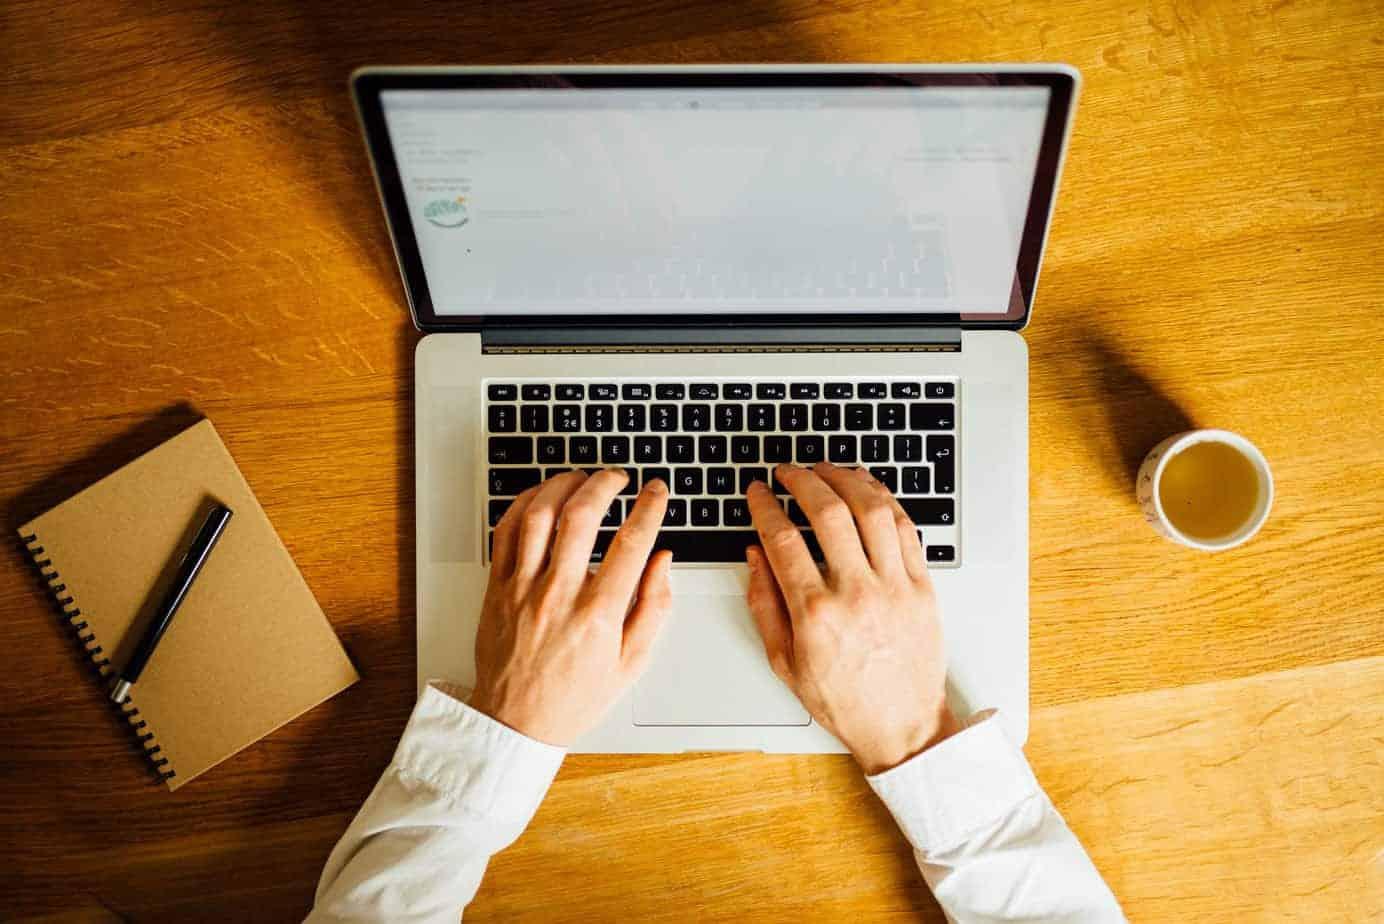 Online coaching vanuit thuis heeft vele voordelen: een openstaande laptop met handen die aan het tikken zijn, op een houten tafel met een notitieboekje en kop thee.